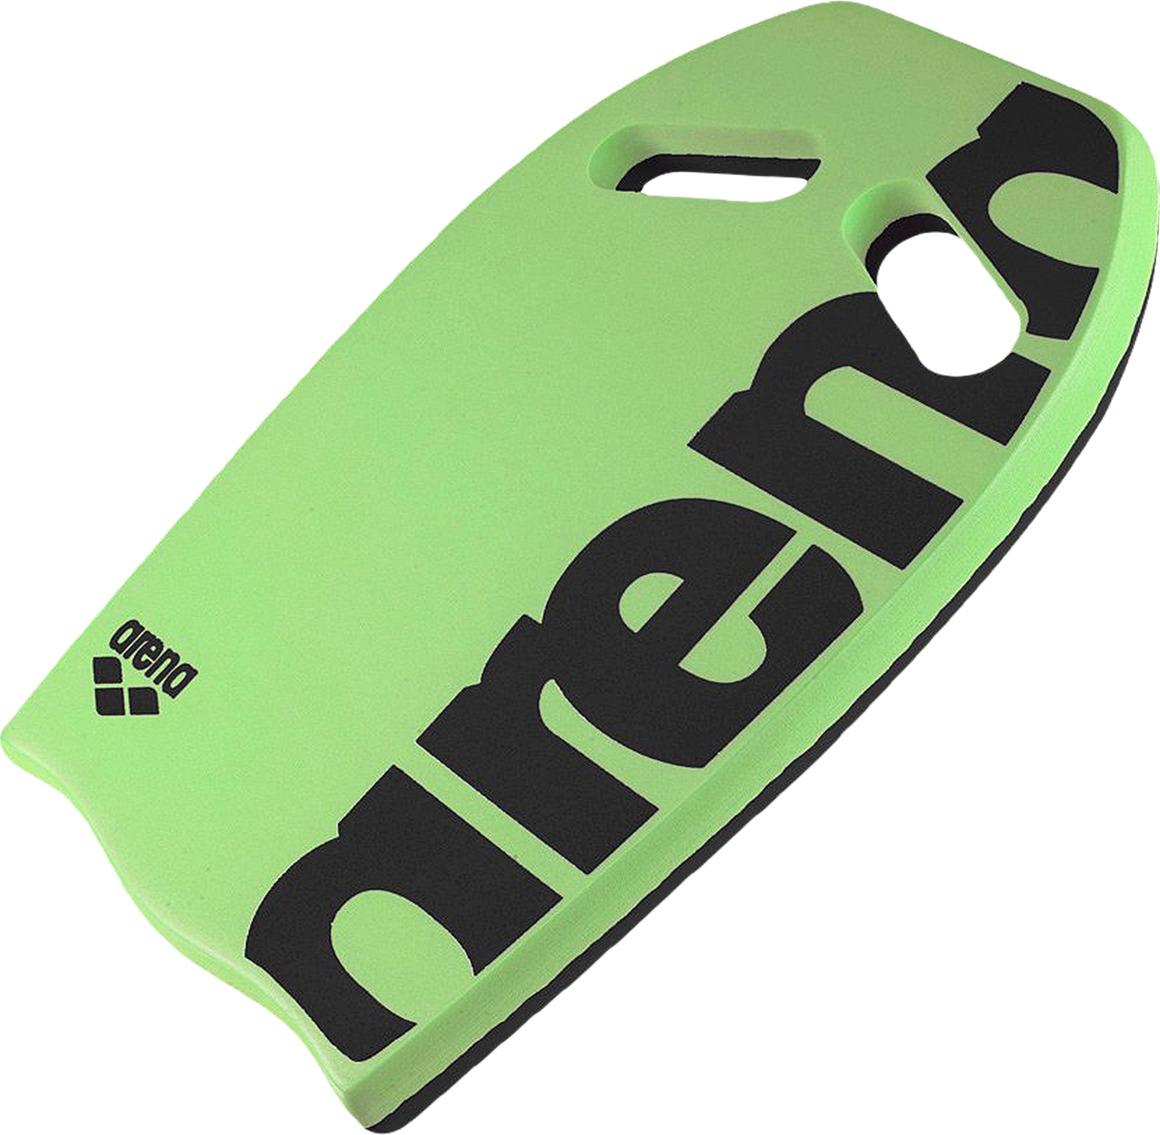 Доска для плавания Arena Kickboard, цвет: зеленый. 95275 60 для плавания